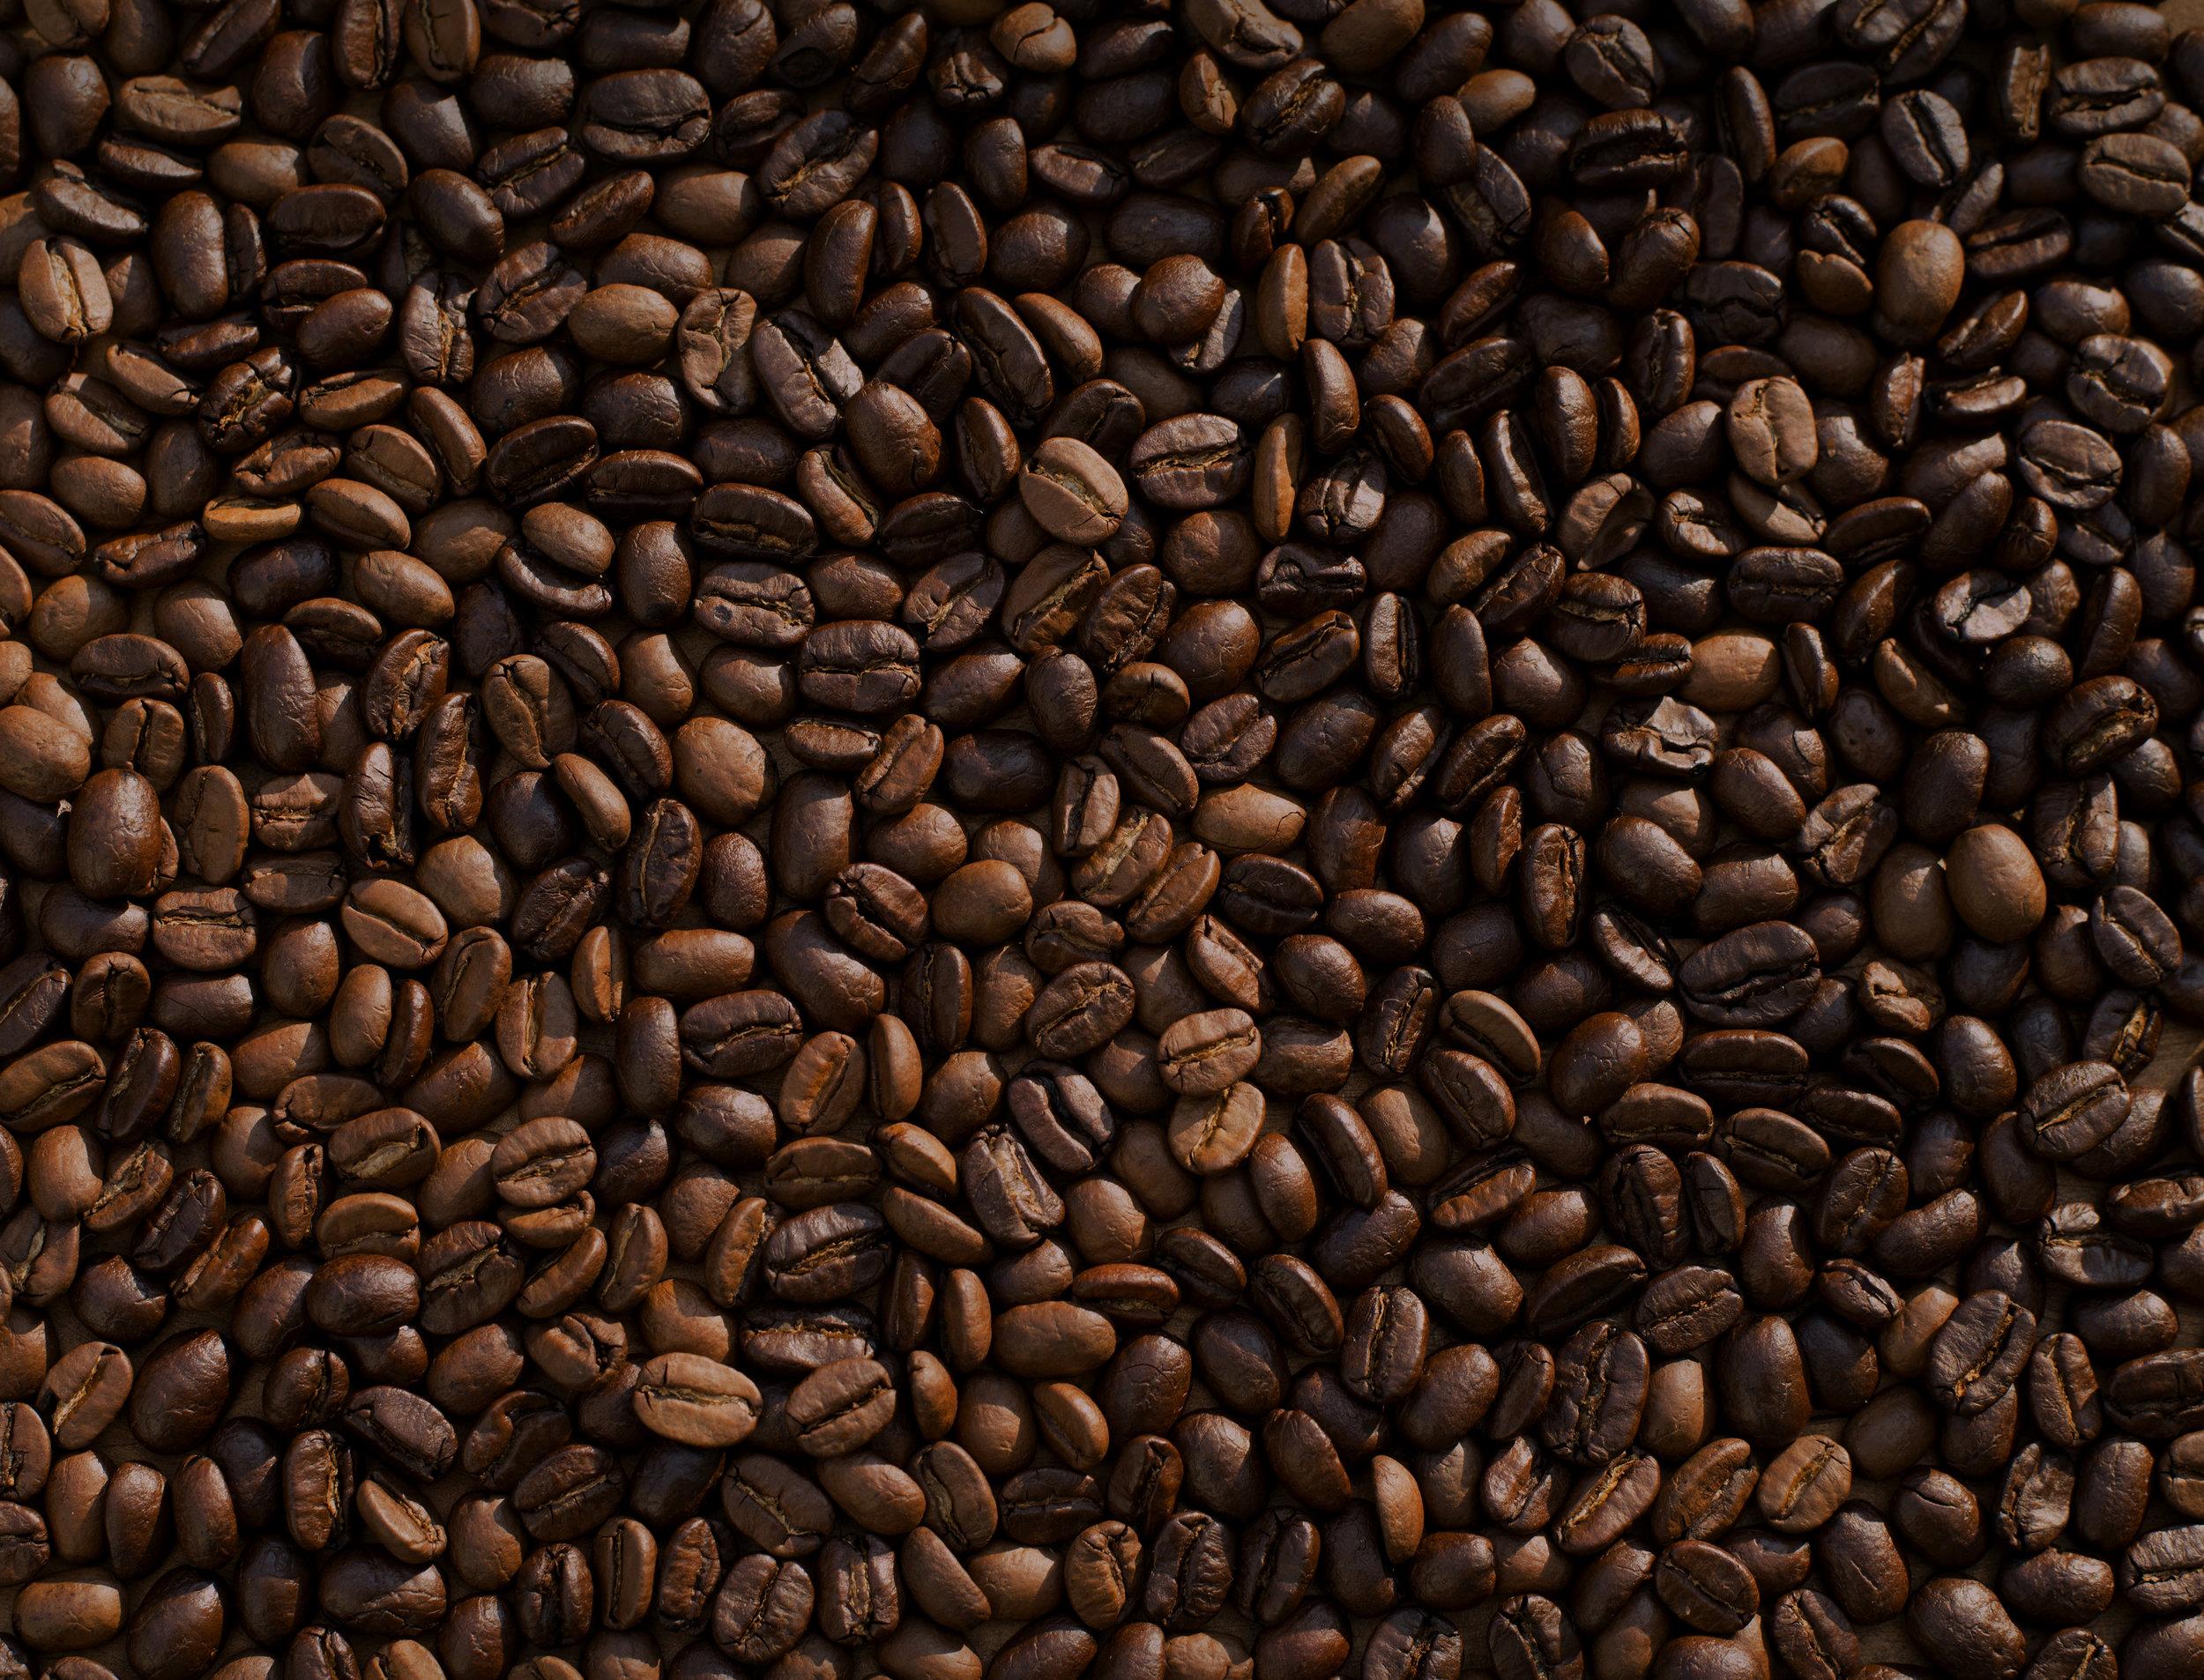 ESSENCE DE CAFÉ - Nom botanique : CoffeaRégions productrices : Ethiopie, Brésil, Colombie, Côte d'IvoireFamille Olfactive : Fleurie, FougèreAdjectifs: médicamenteux, rosé, menthéNote de cœur